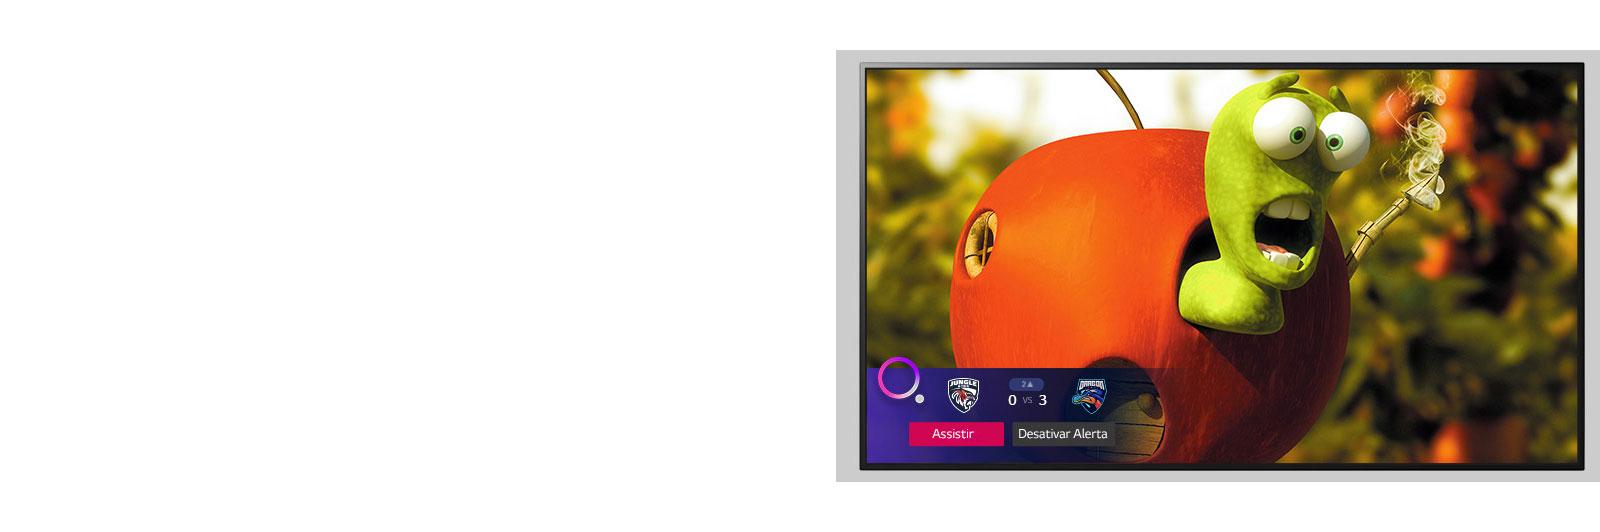 TV mostrando um personagem de desenho animado e Alerta Esportivo na parte inferior da tela.